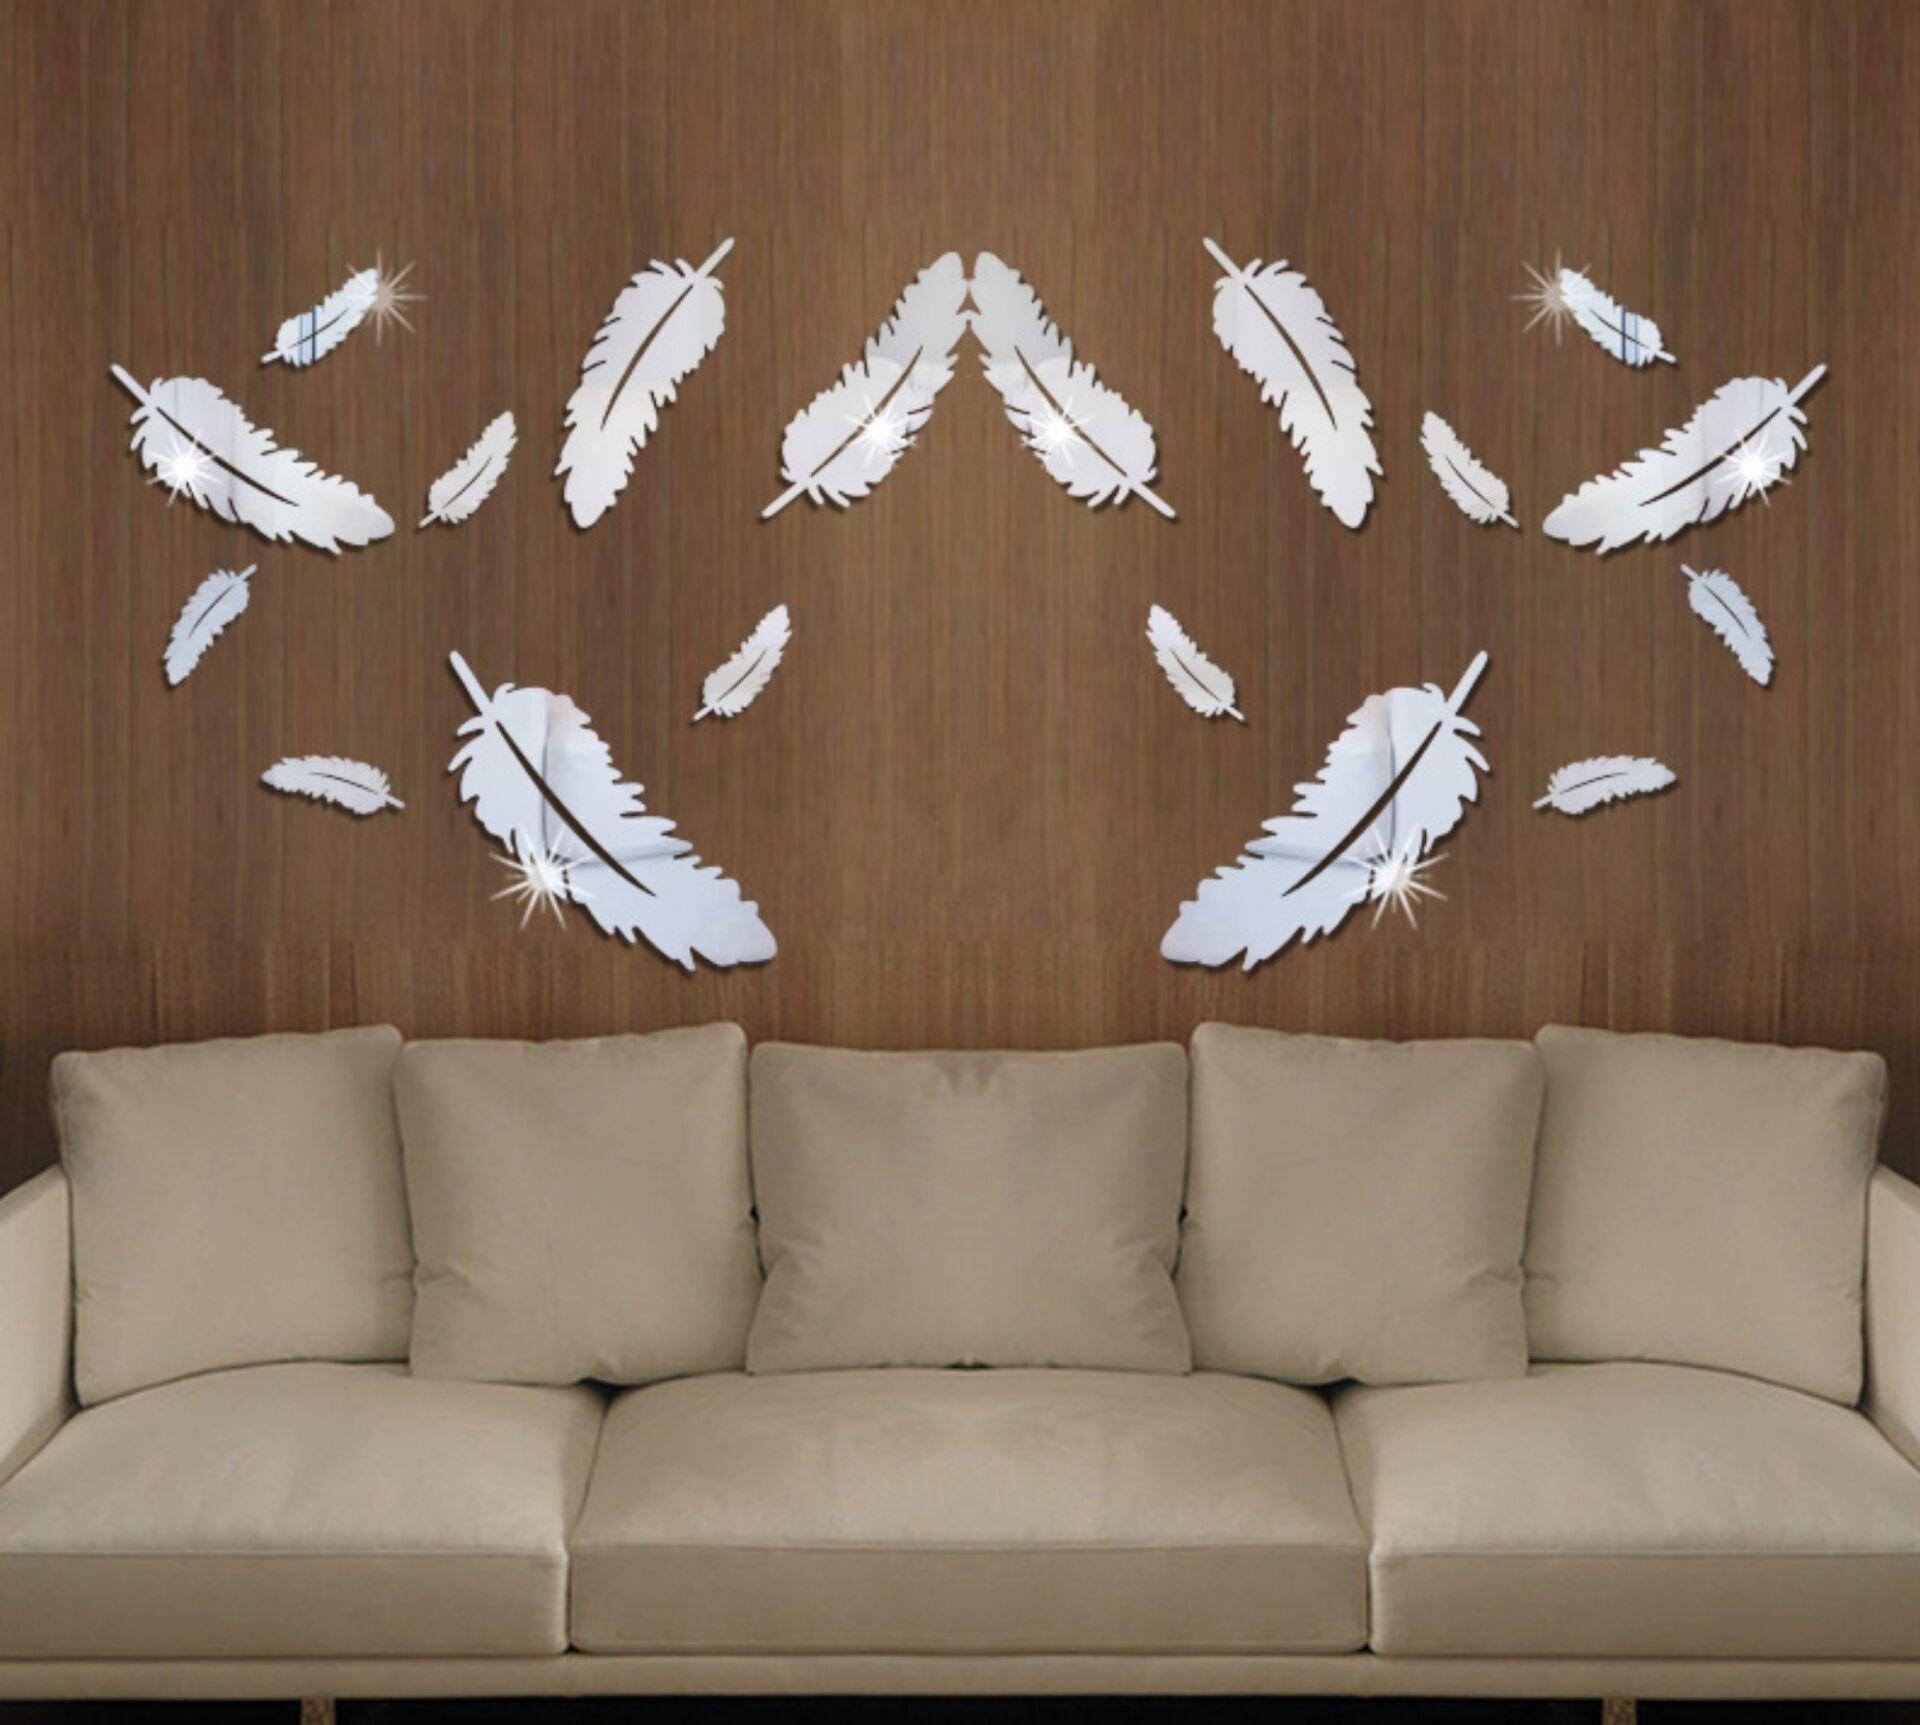 Specchio Adesivo Rotolo Ikea trova le migliori specchio adesivo brico produttori e